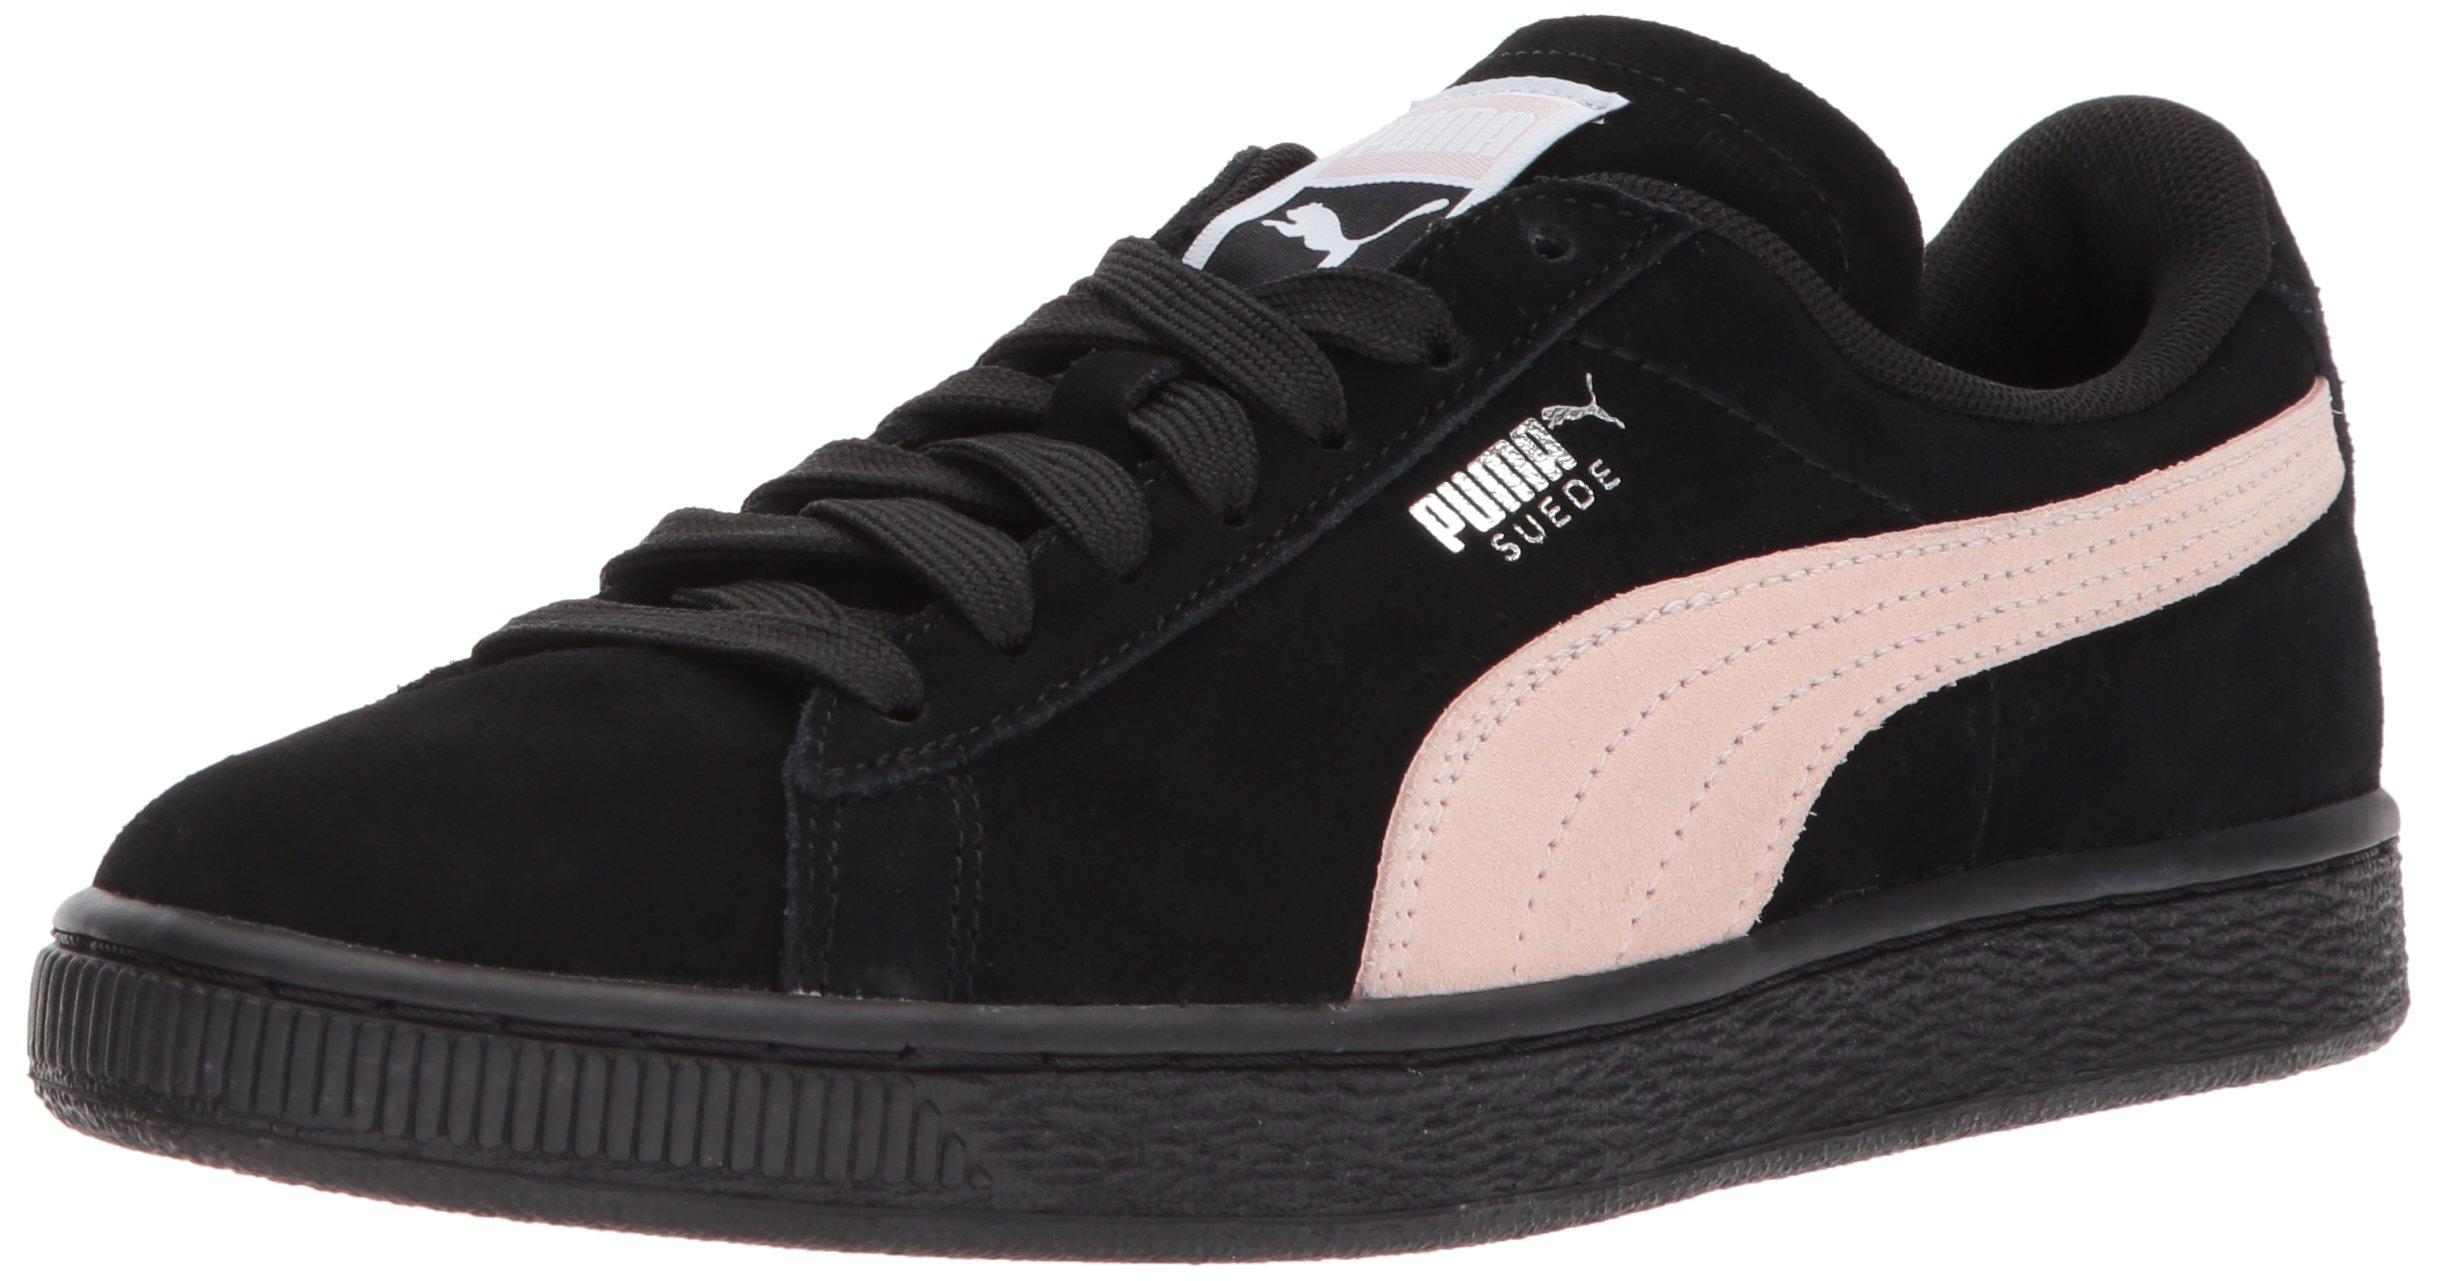 PUMA Women's Suede Classic Wn Sneaker, Black-Pearl, 8 M US